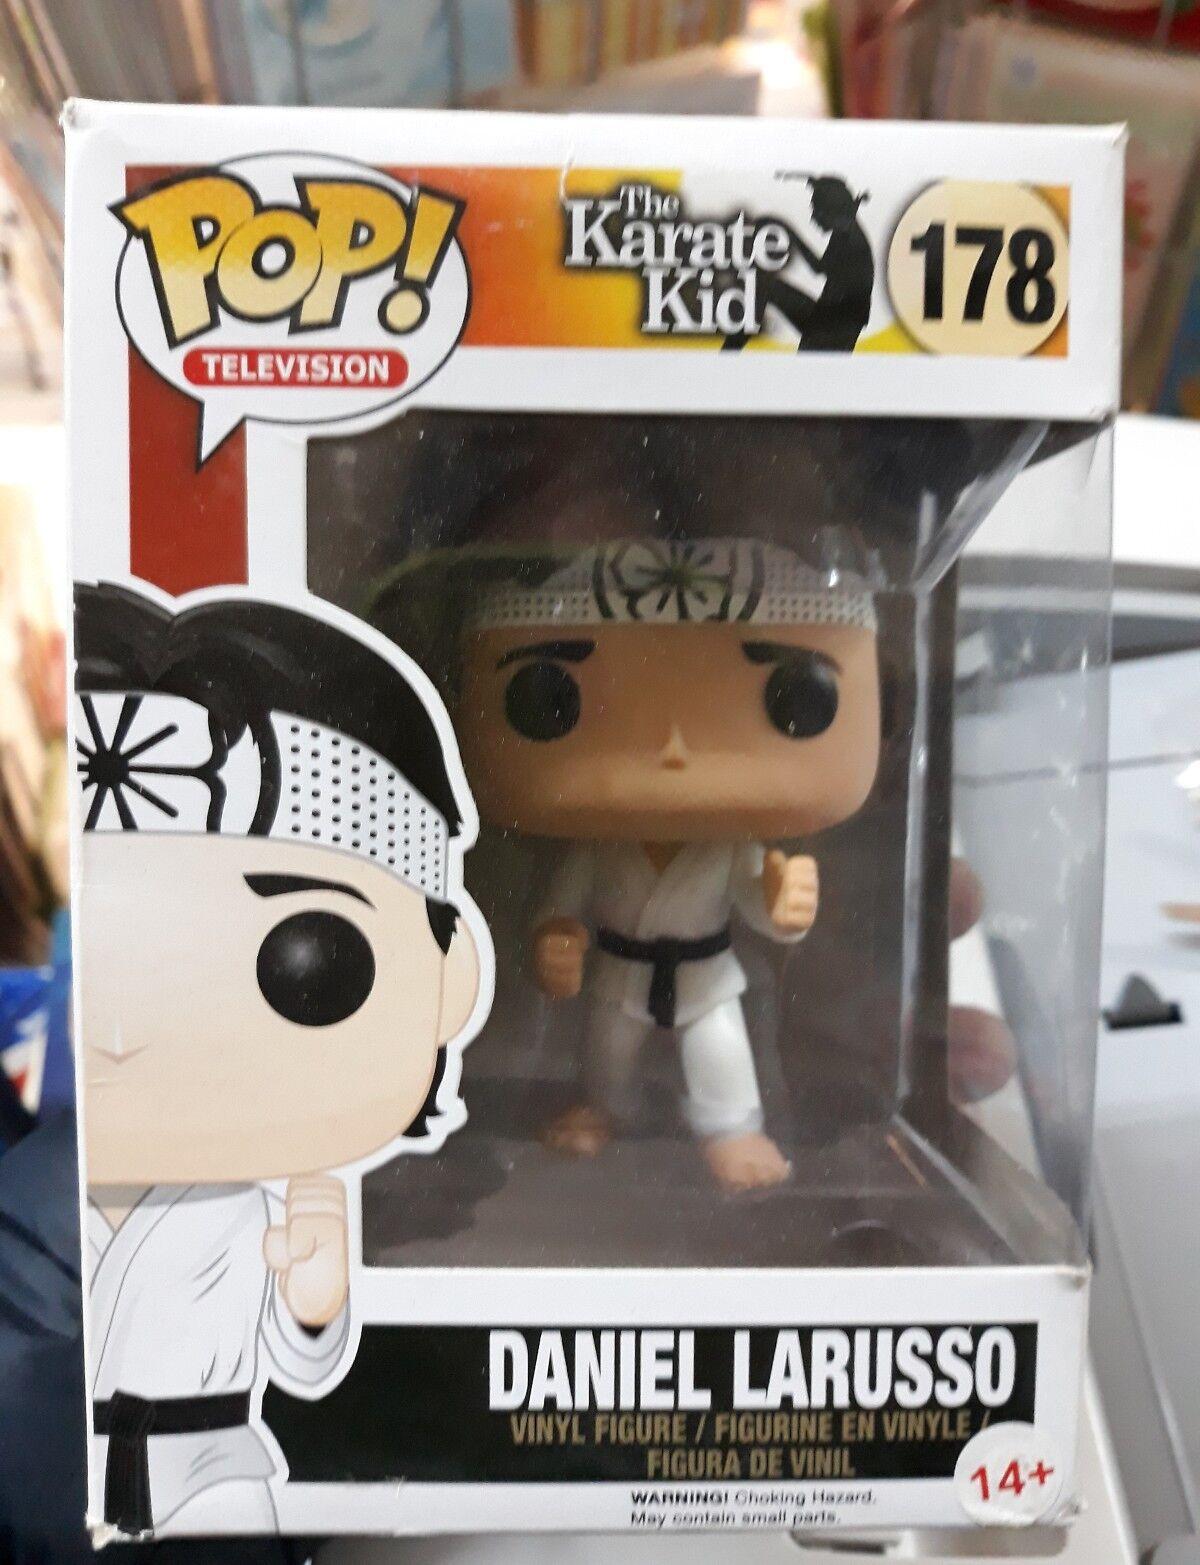 Daniel Larusso, karate grabben 178 TV pop funko